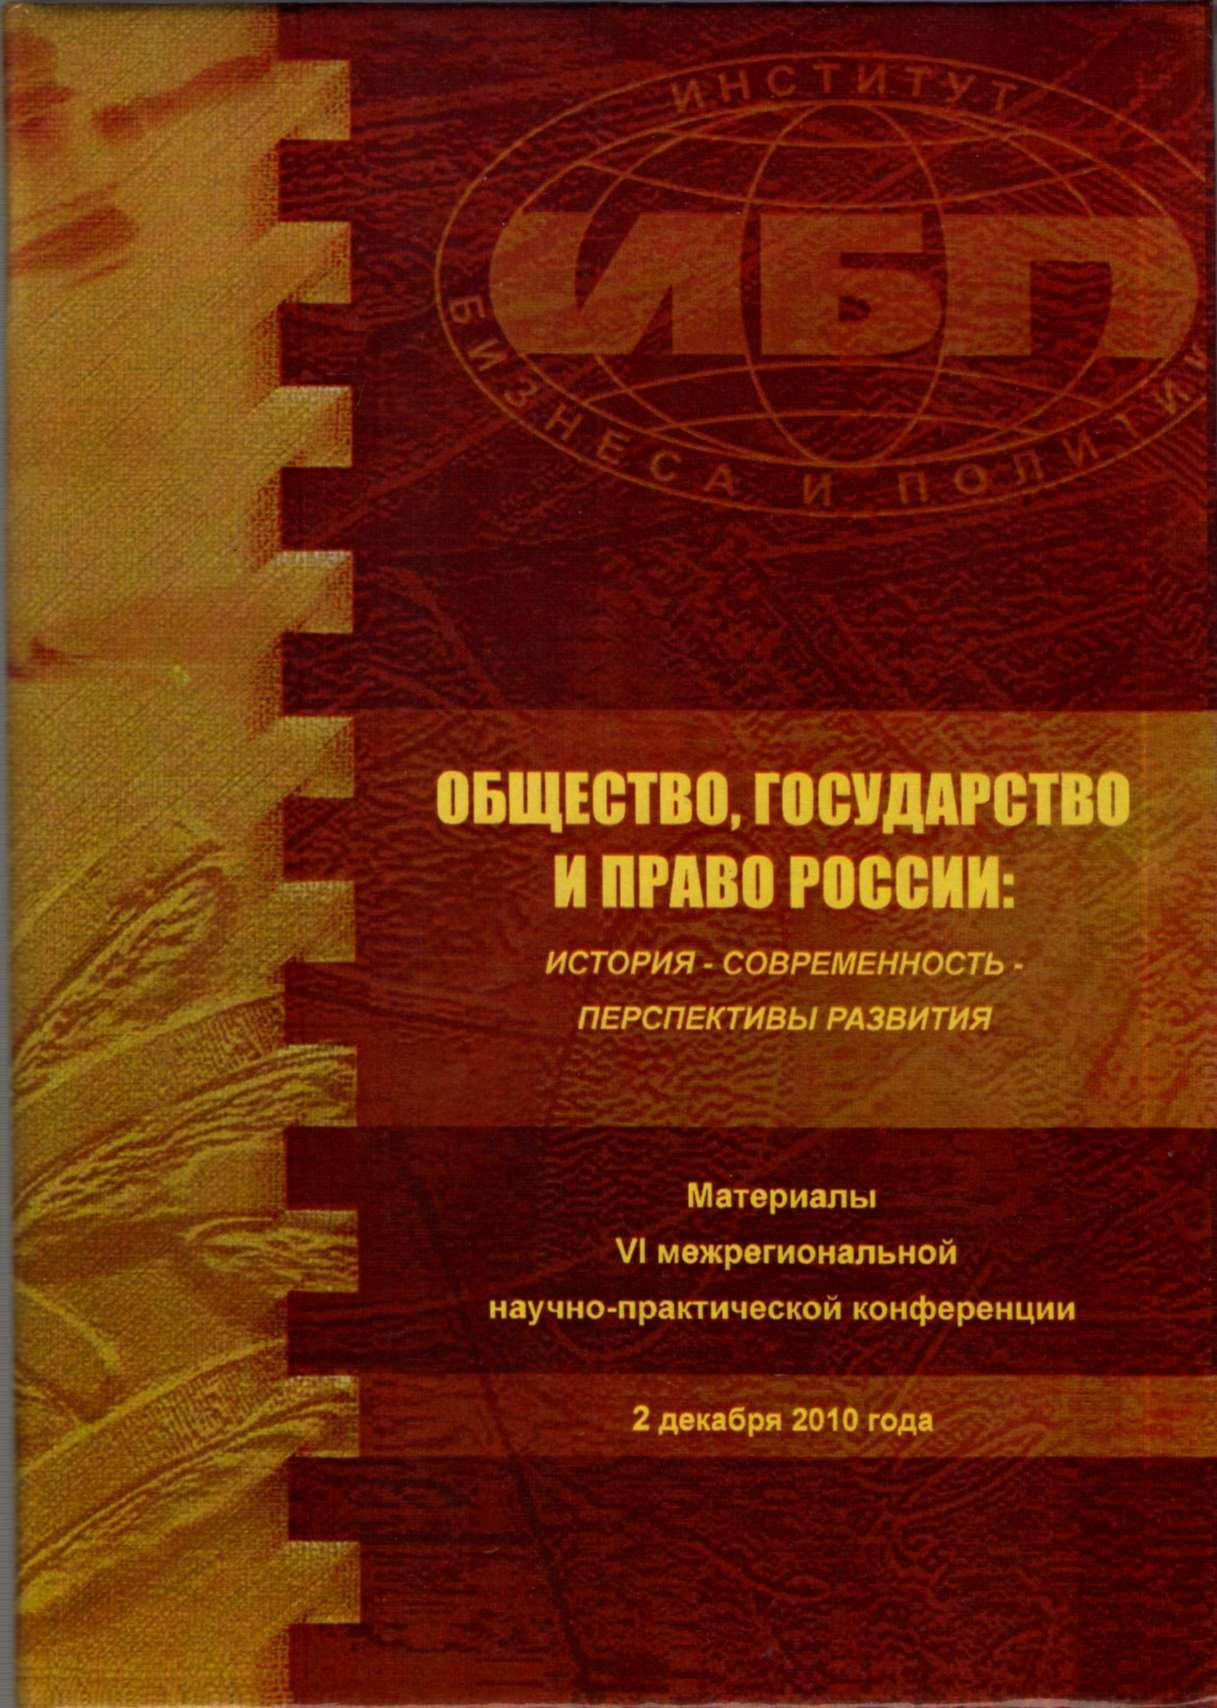 Практические занятия студентов – юристов в университетах дореволюционной России